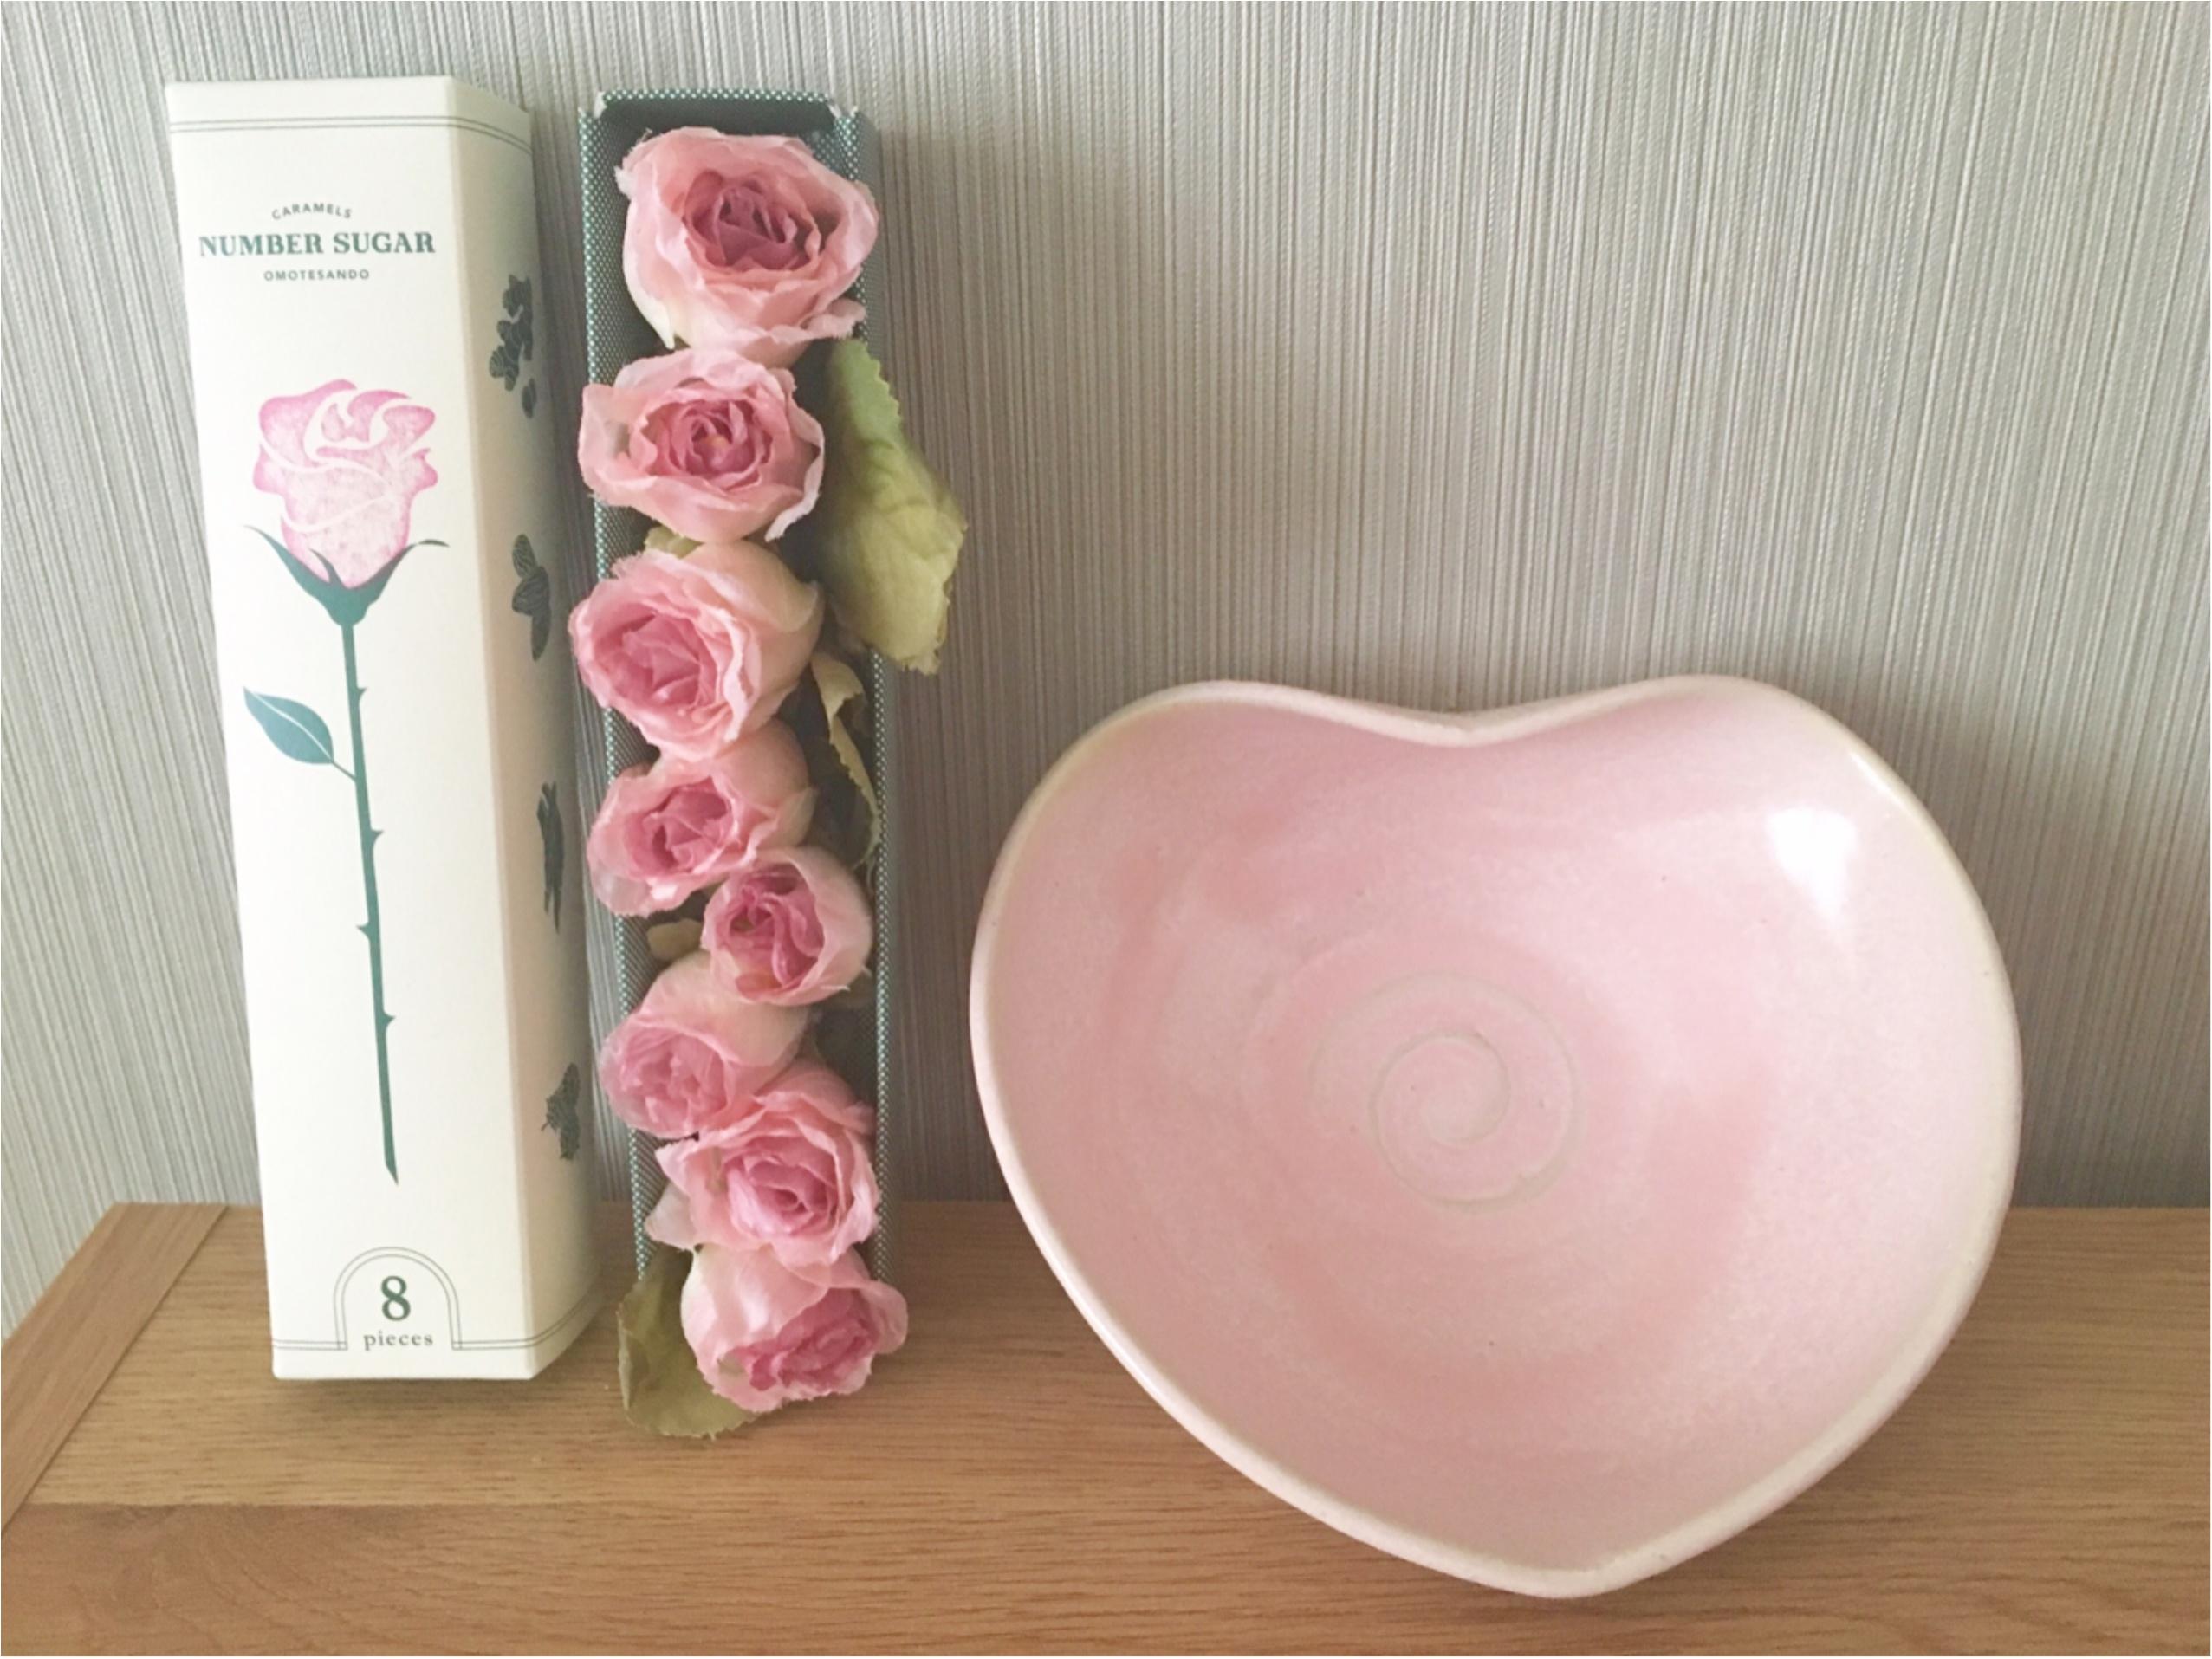 【星野リゾート】『リゾナーレ八ヶ岳』での陶芸作品が届きました!_2